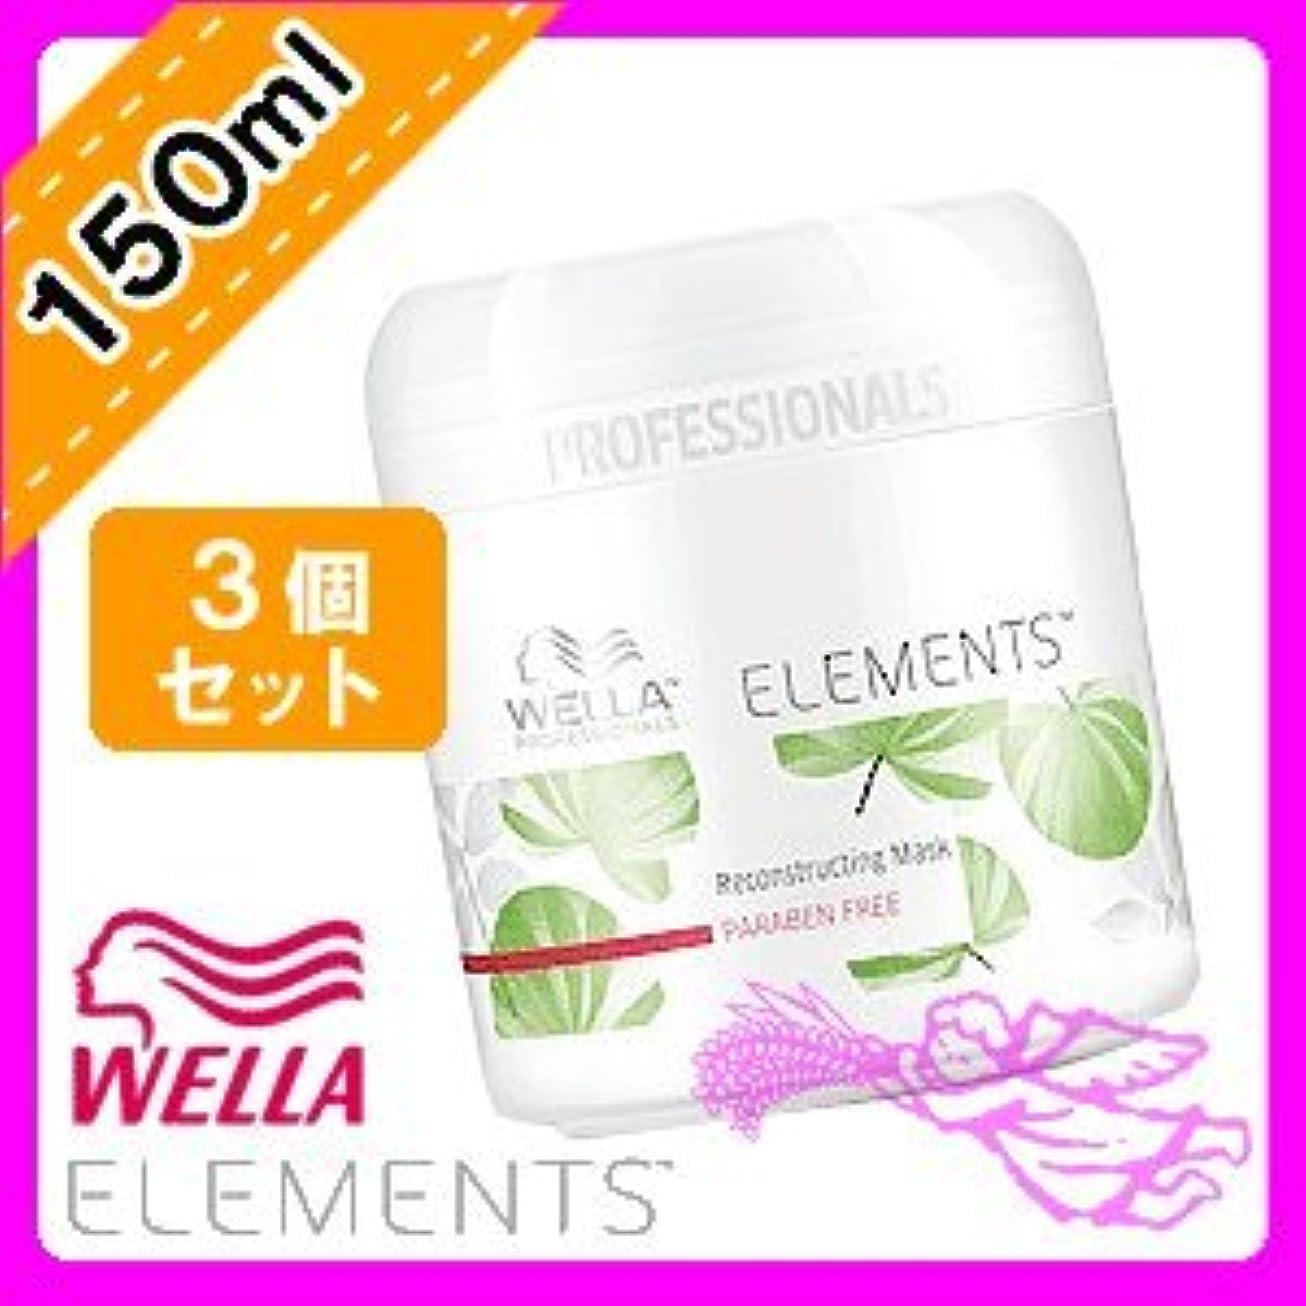 どのくらいの頻度で用量大騒ぎウエラ エレメンツ マスク 150ml ×3個 セット WELLA ELEMENTS